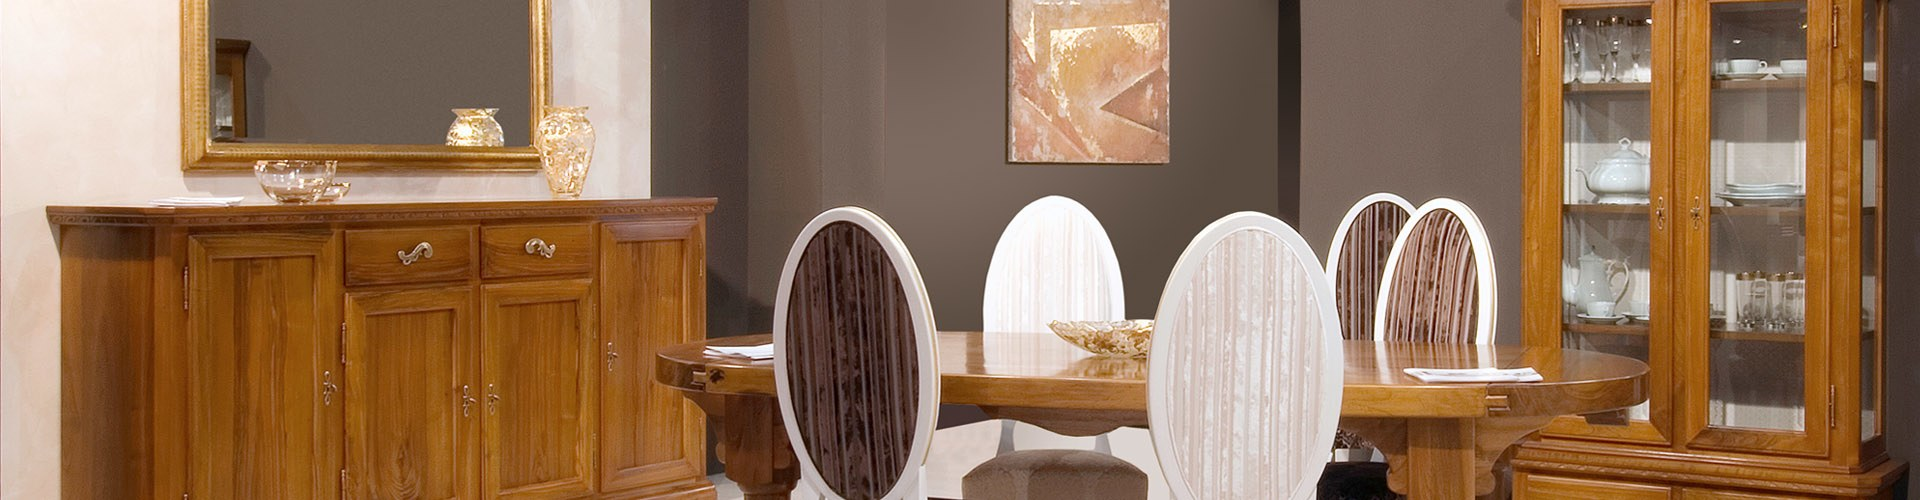 Mobili Soggiorno in Stile \'500 - Credenze in legno massello ...